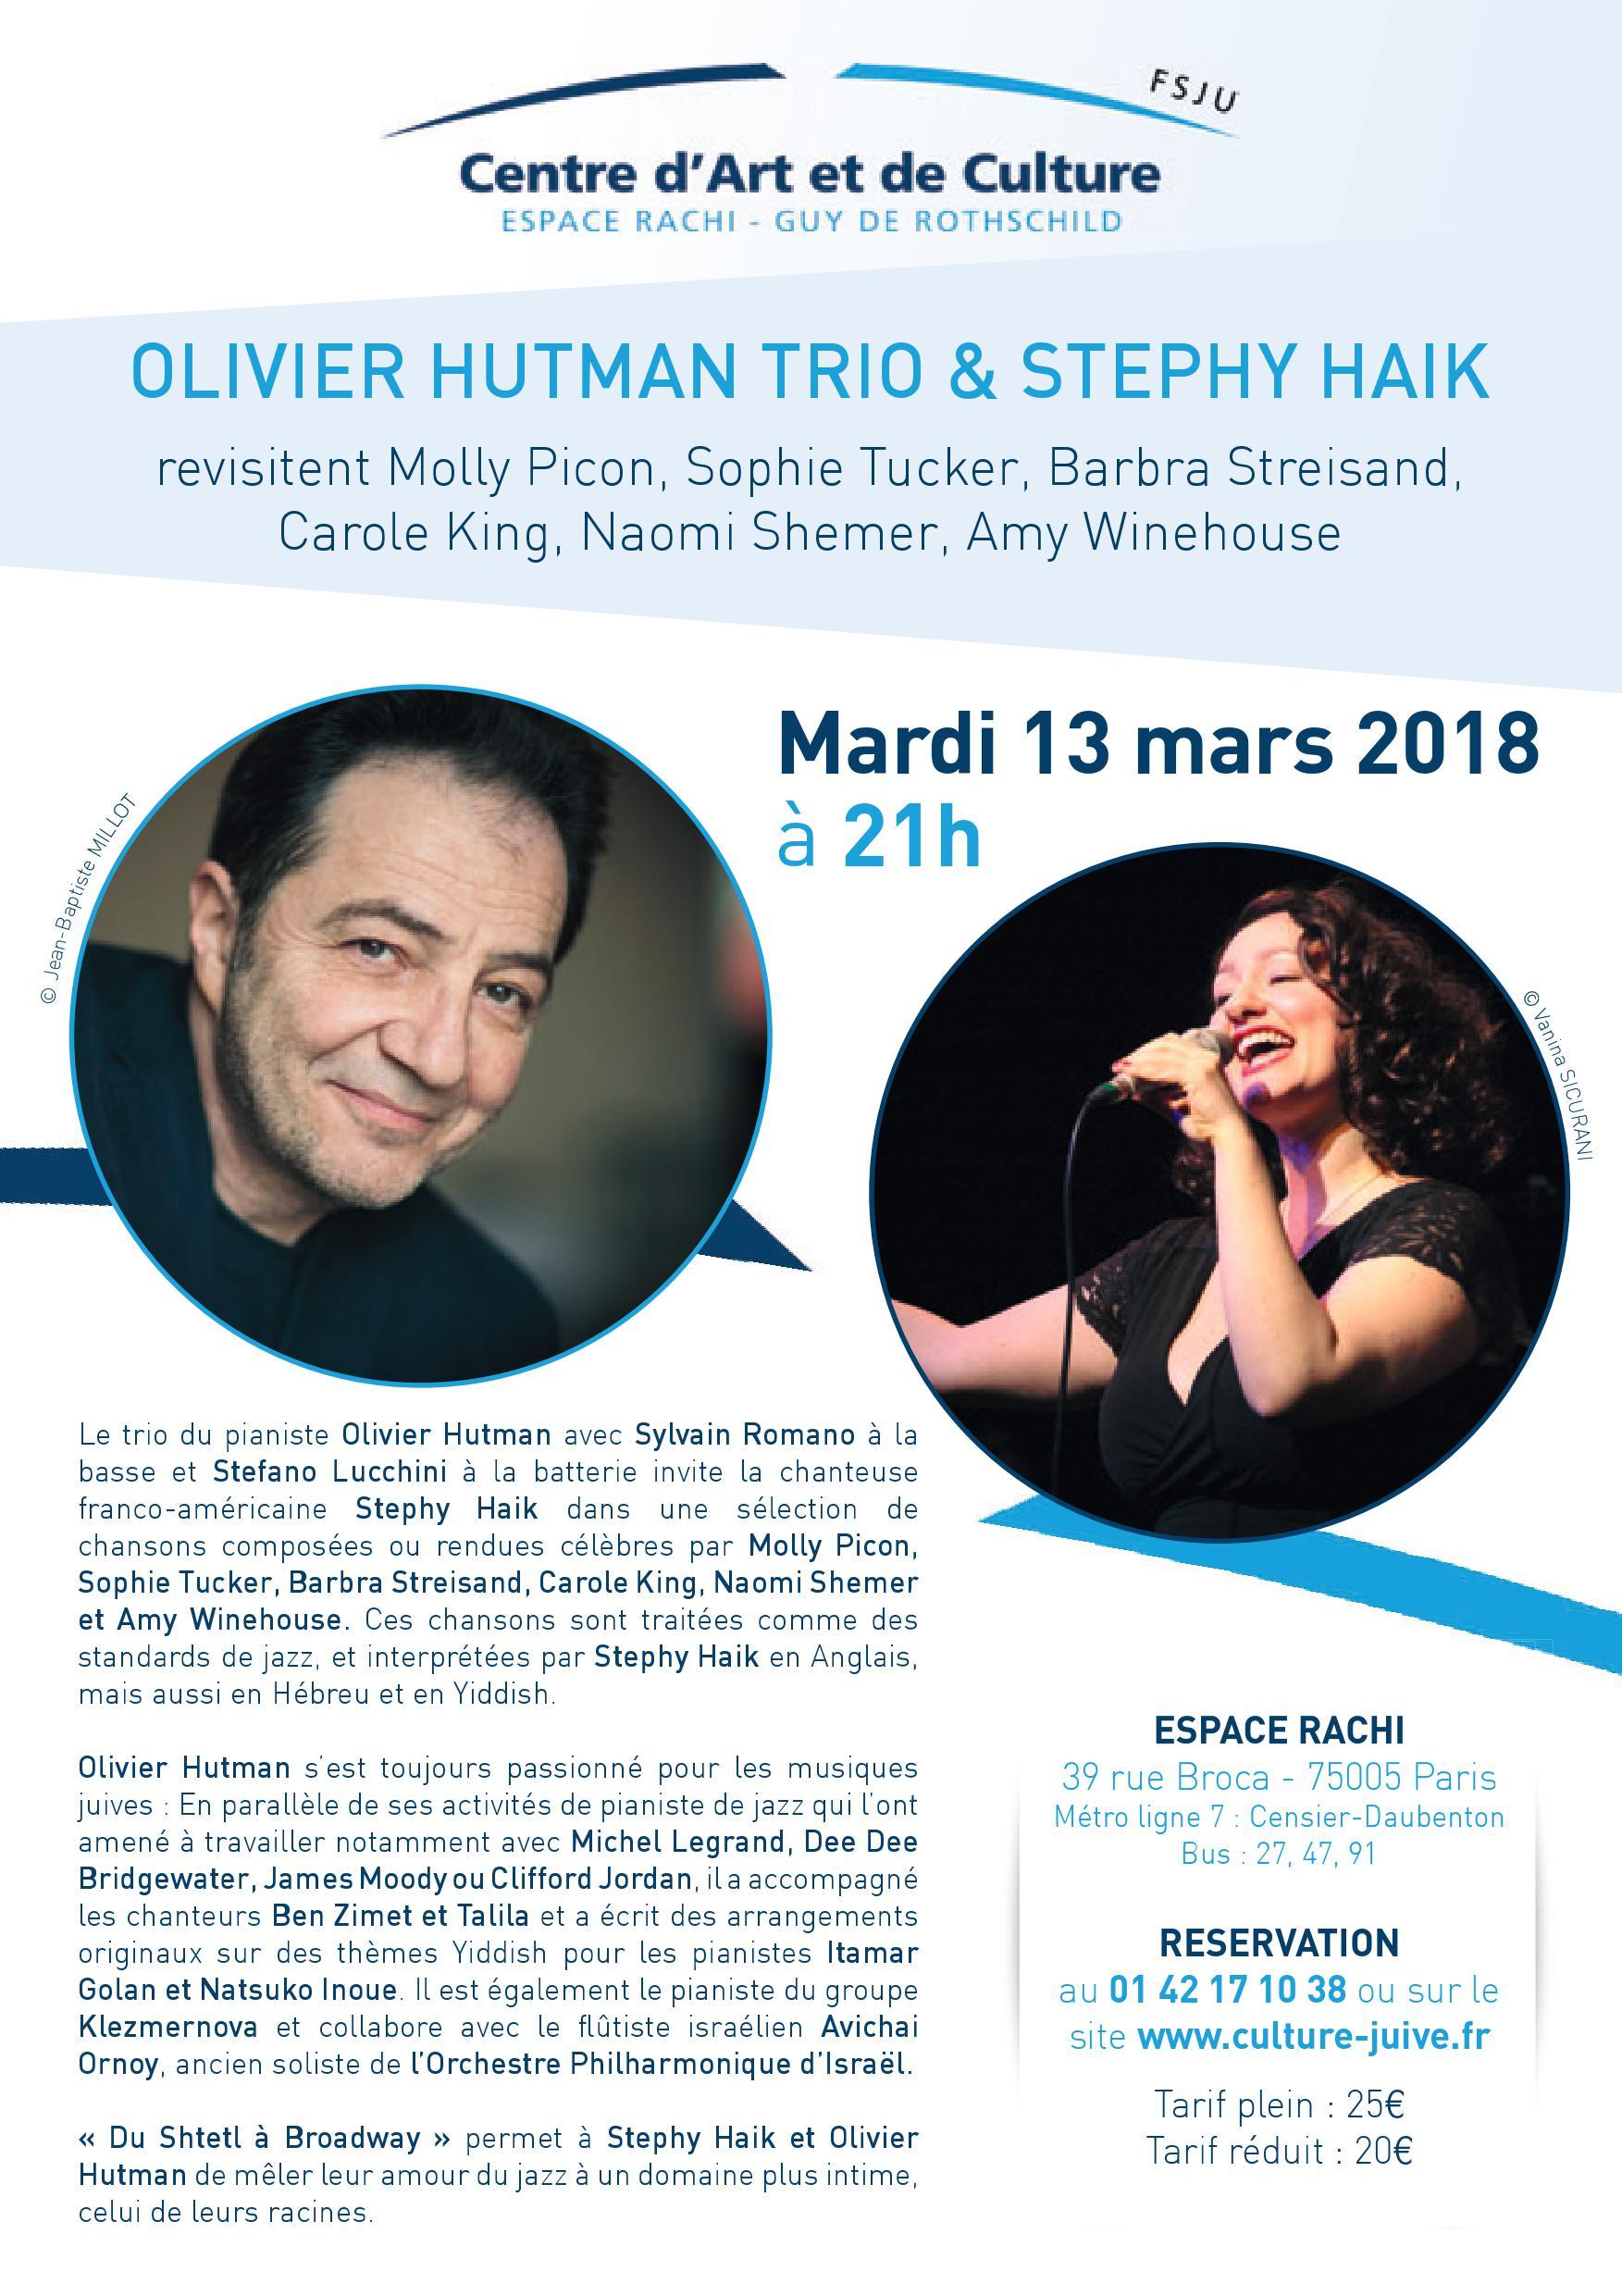 Du Shtetl à Broadway, avec Olivier Hutman Trio et Stephy Haik